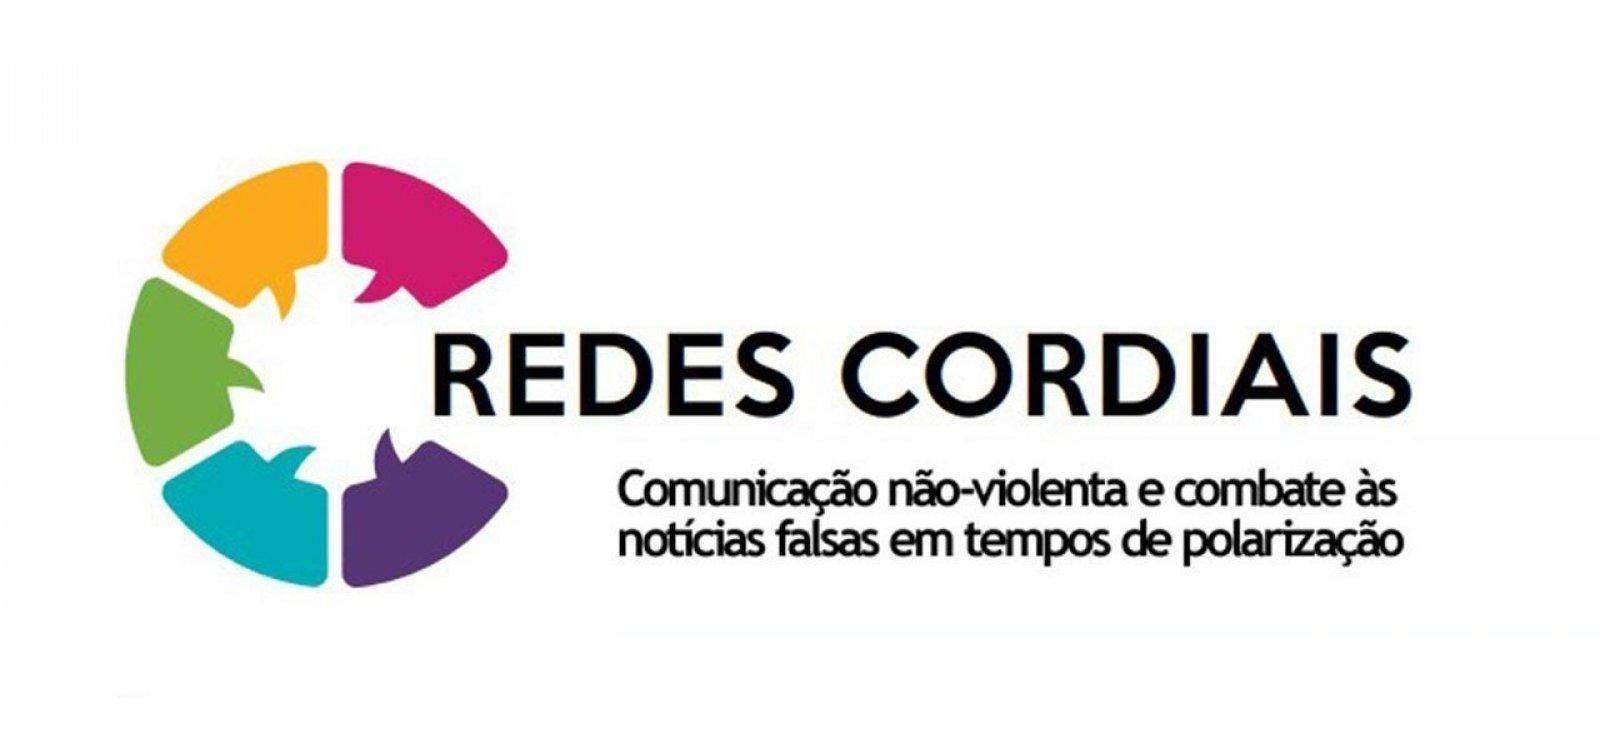 ['Redes Cordiais': projeto combate fake news em meio à pandemia de coronavírus]